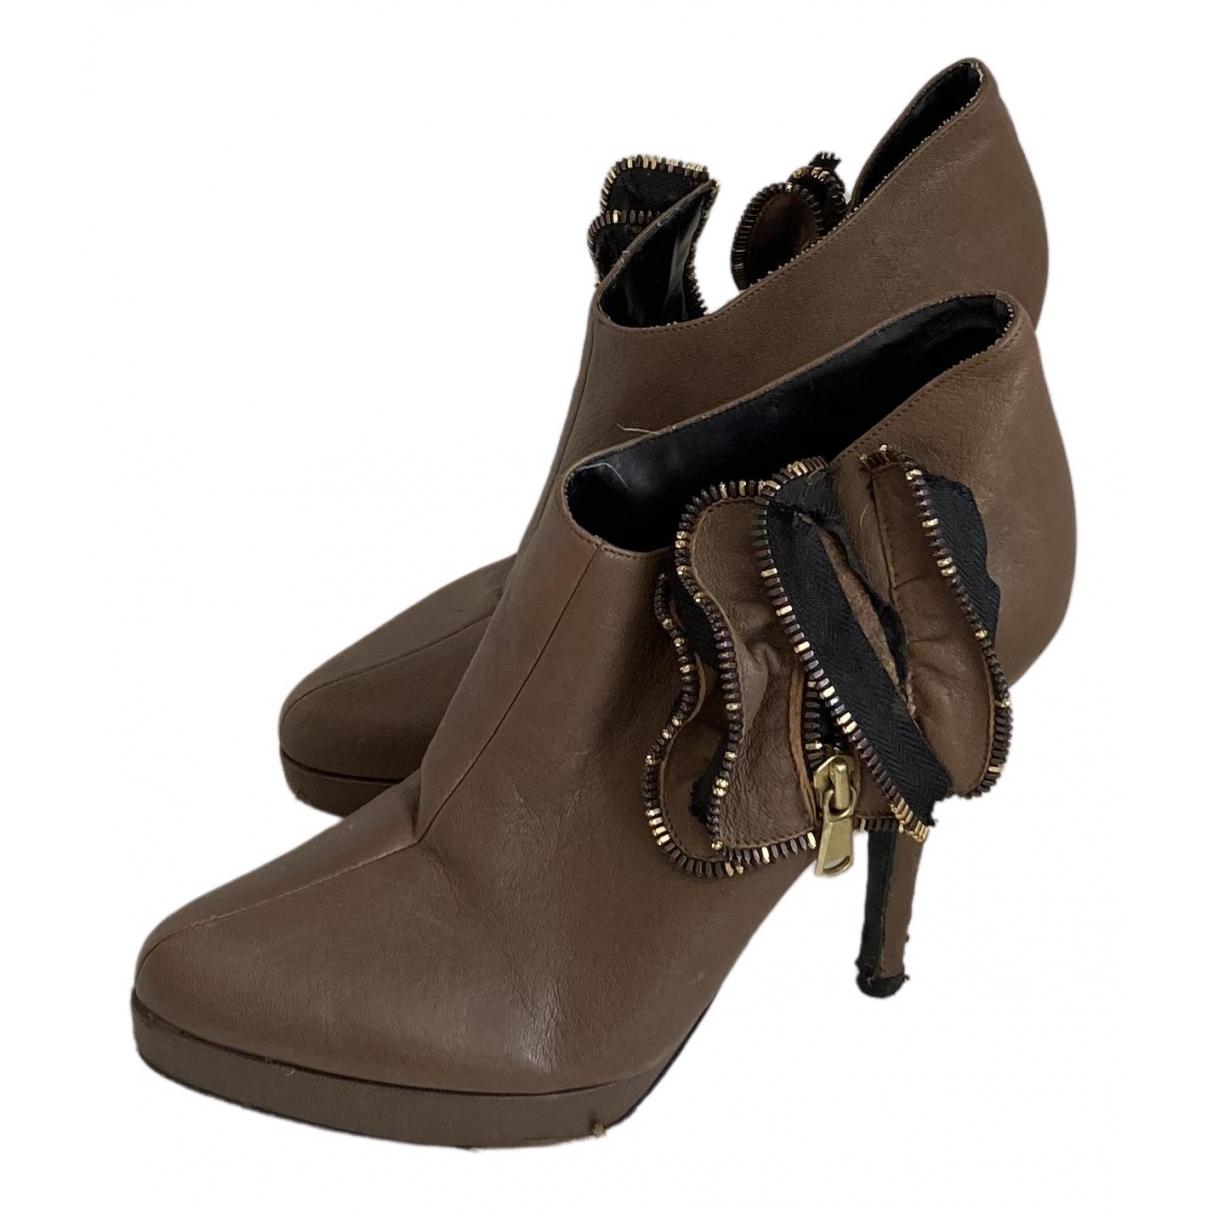 Juicy Couture - Bottes   pour femme en cuir - beige